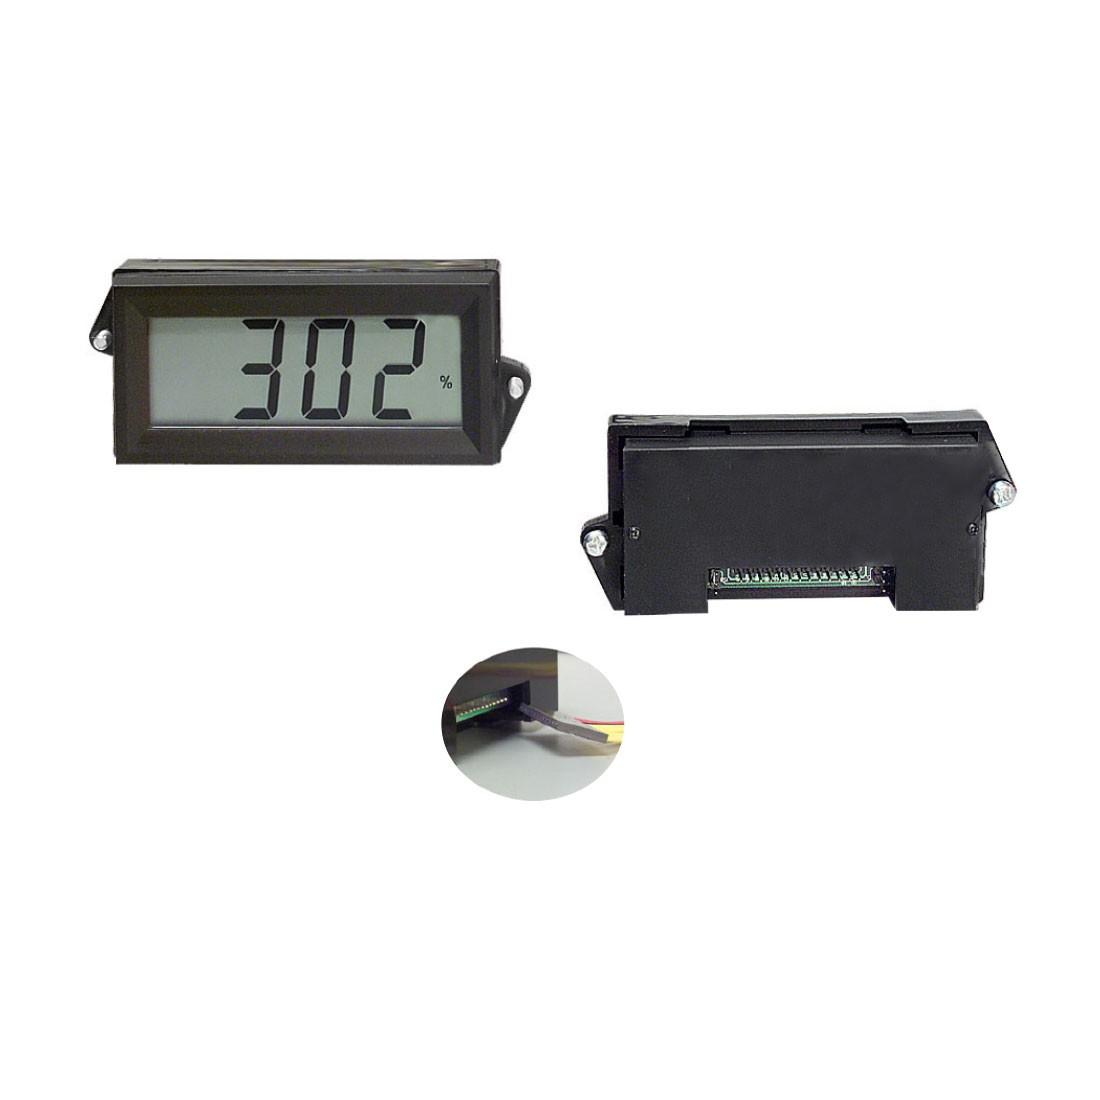 HDMO-800 Series LCD Digital Panel Meter